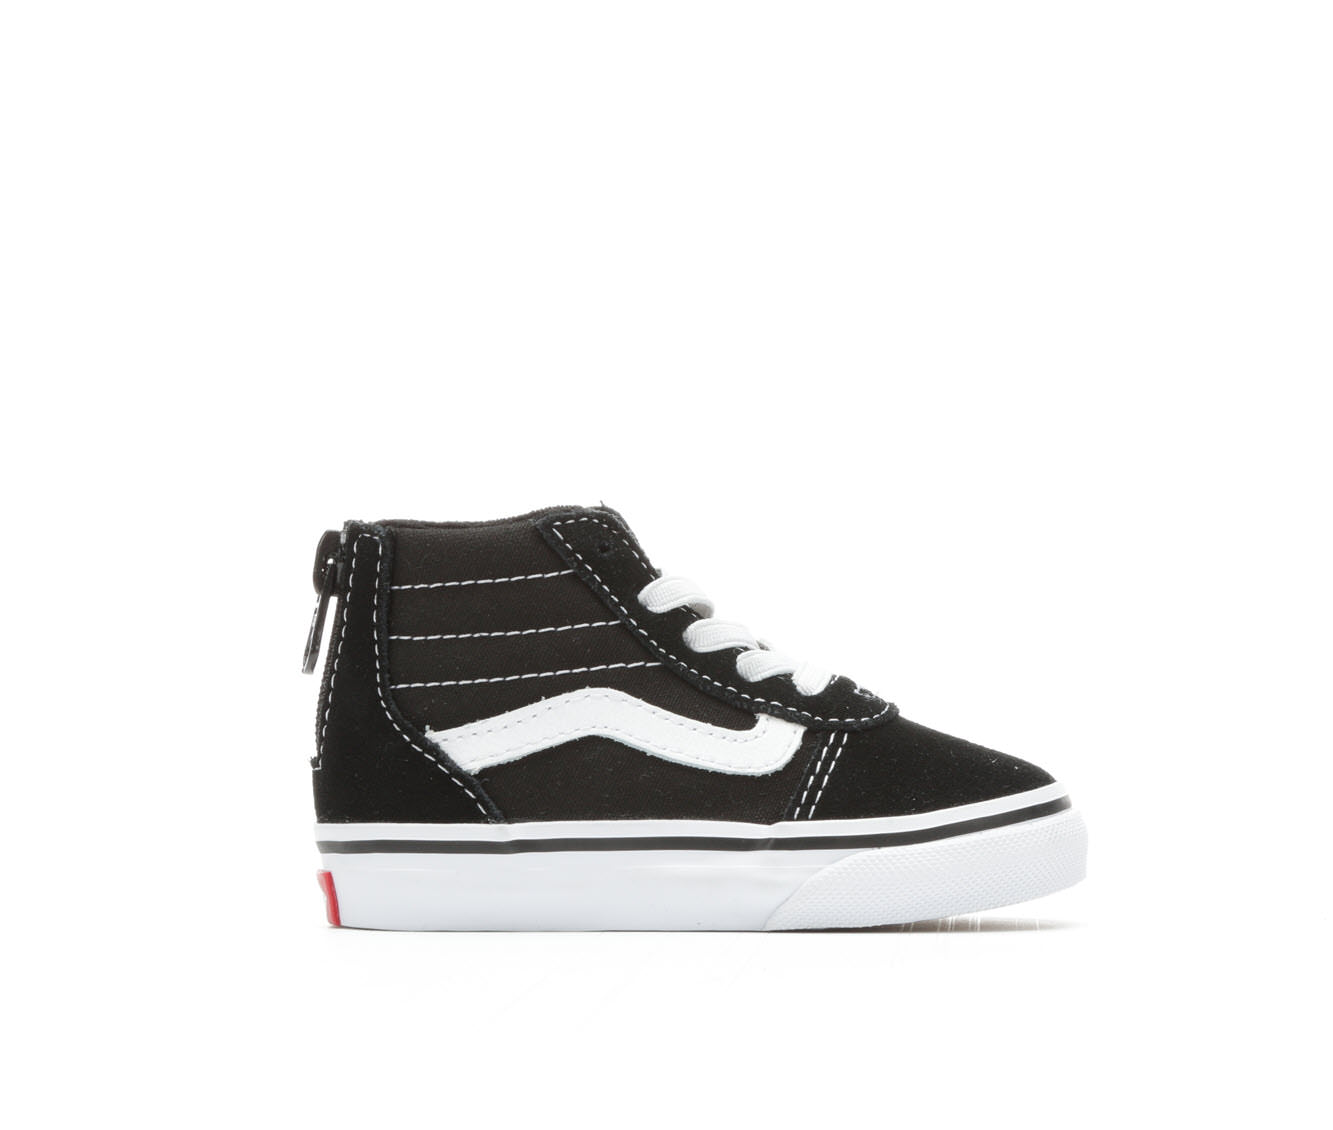 Girls' Vans Infants Ward Hi Zip Skate Shoes (Black)